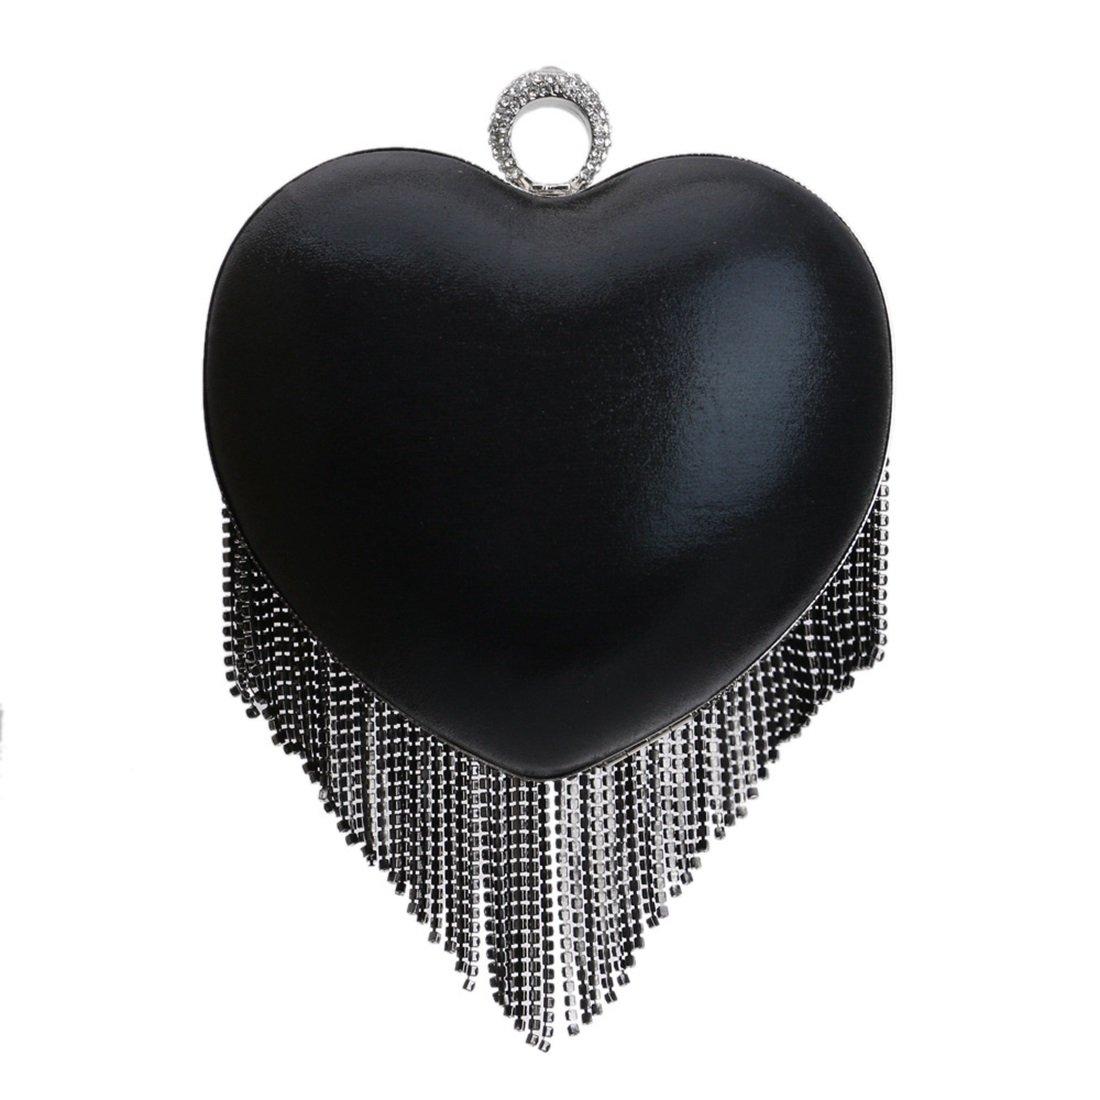 Haxibkena Frauen-Herz-Quaste Abend Clutch Clutch Clutch Purse Bag Luxus Party Handtasche (Farbe   schwarz) B07L9494DX Clutches Schnelle Lieferung 5f480d